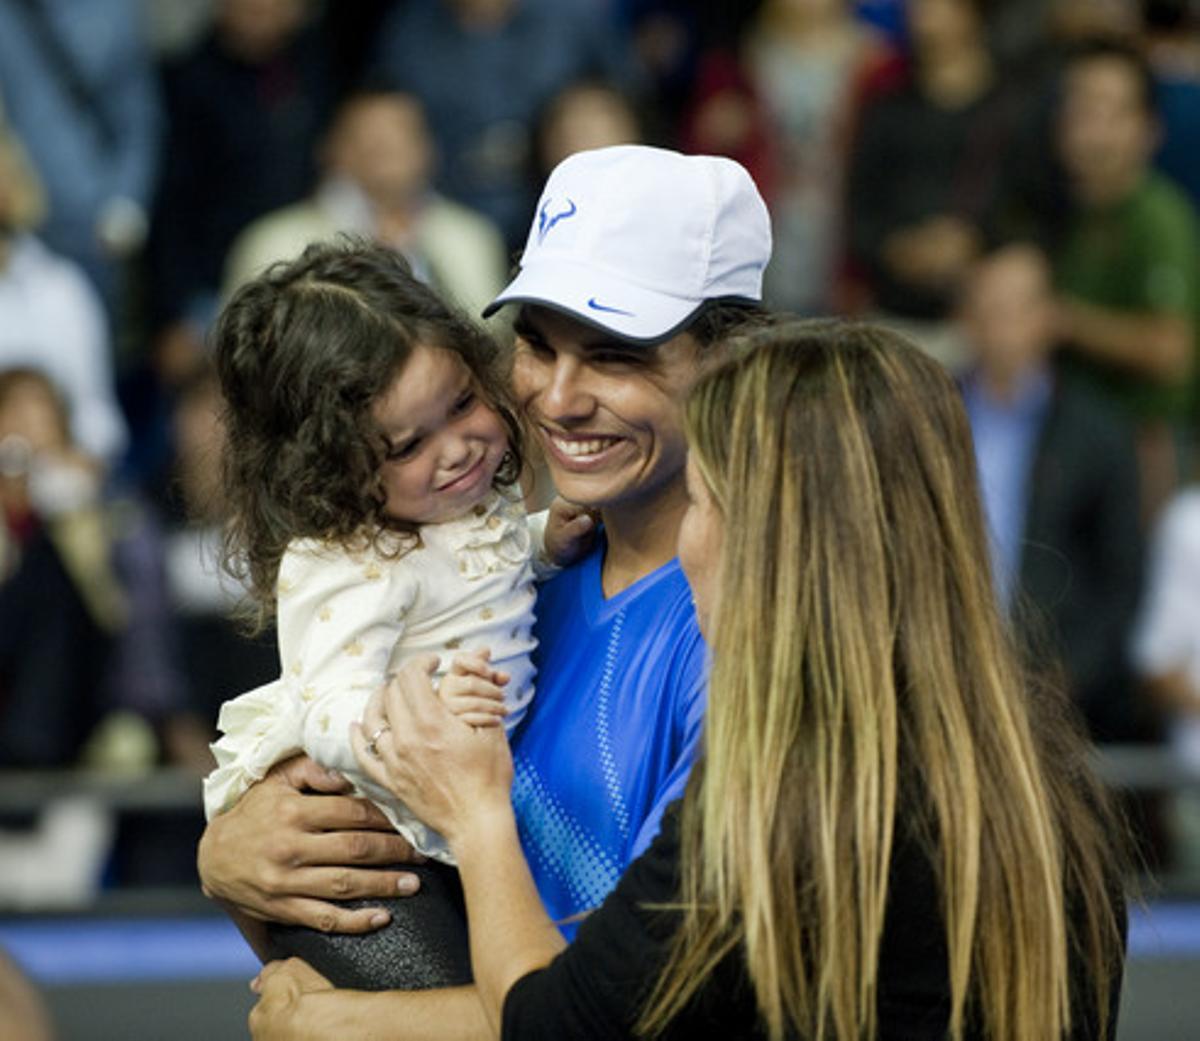 Arantxa Sánchez Vicario con su hija y Rafa Nadal, en el homenaje a Andrés Gimeno.